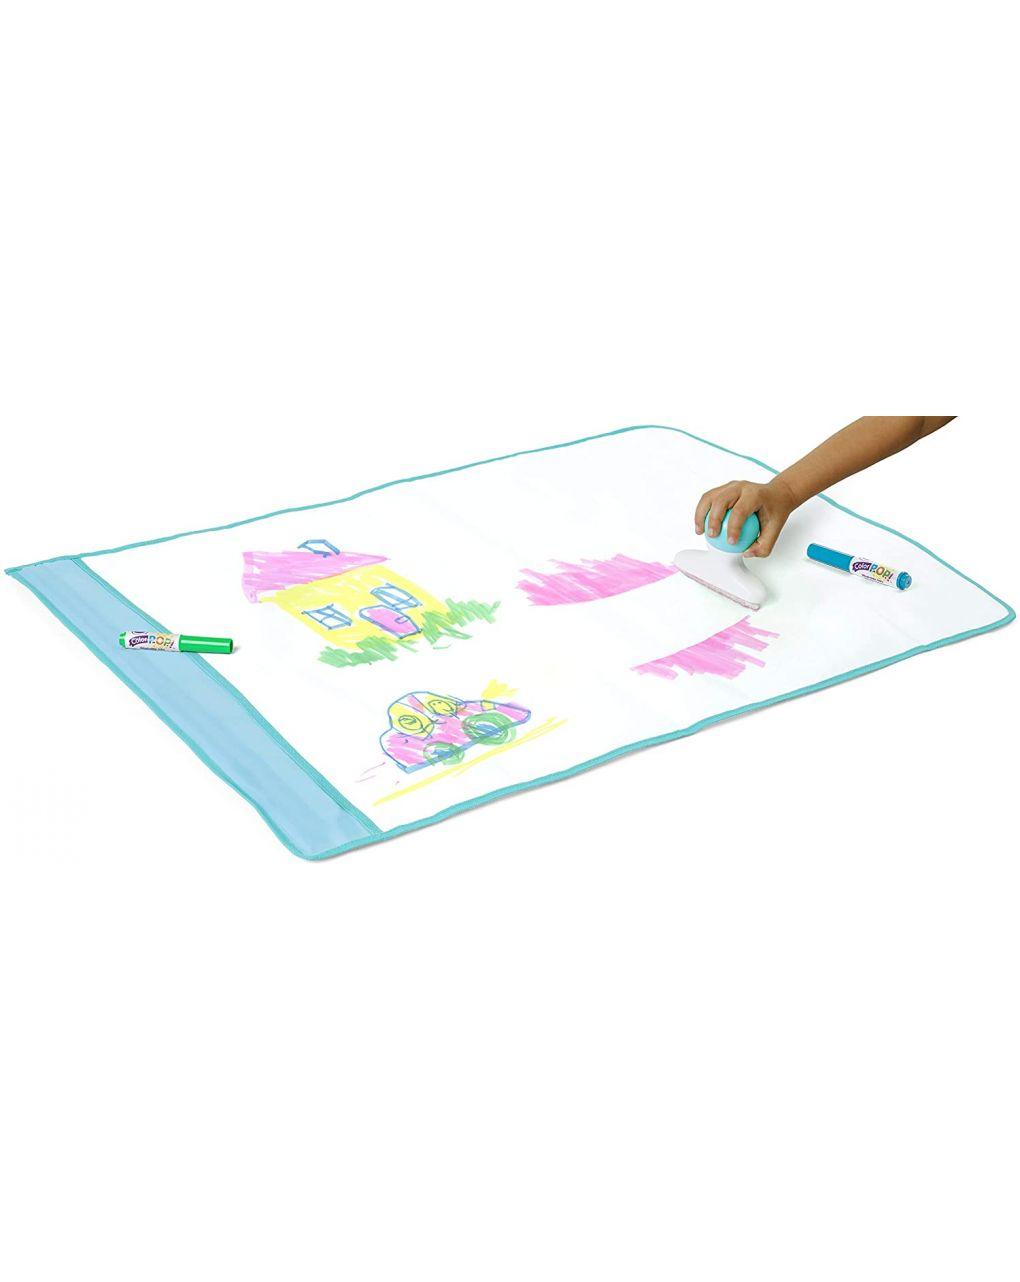 Crayola - tappetone colora&ricolora - Crayola